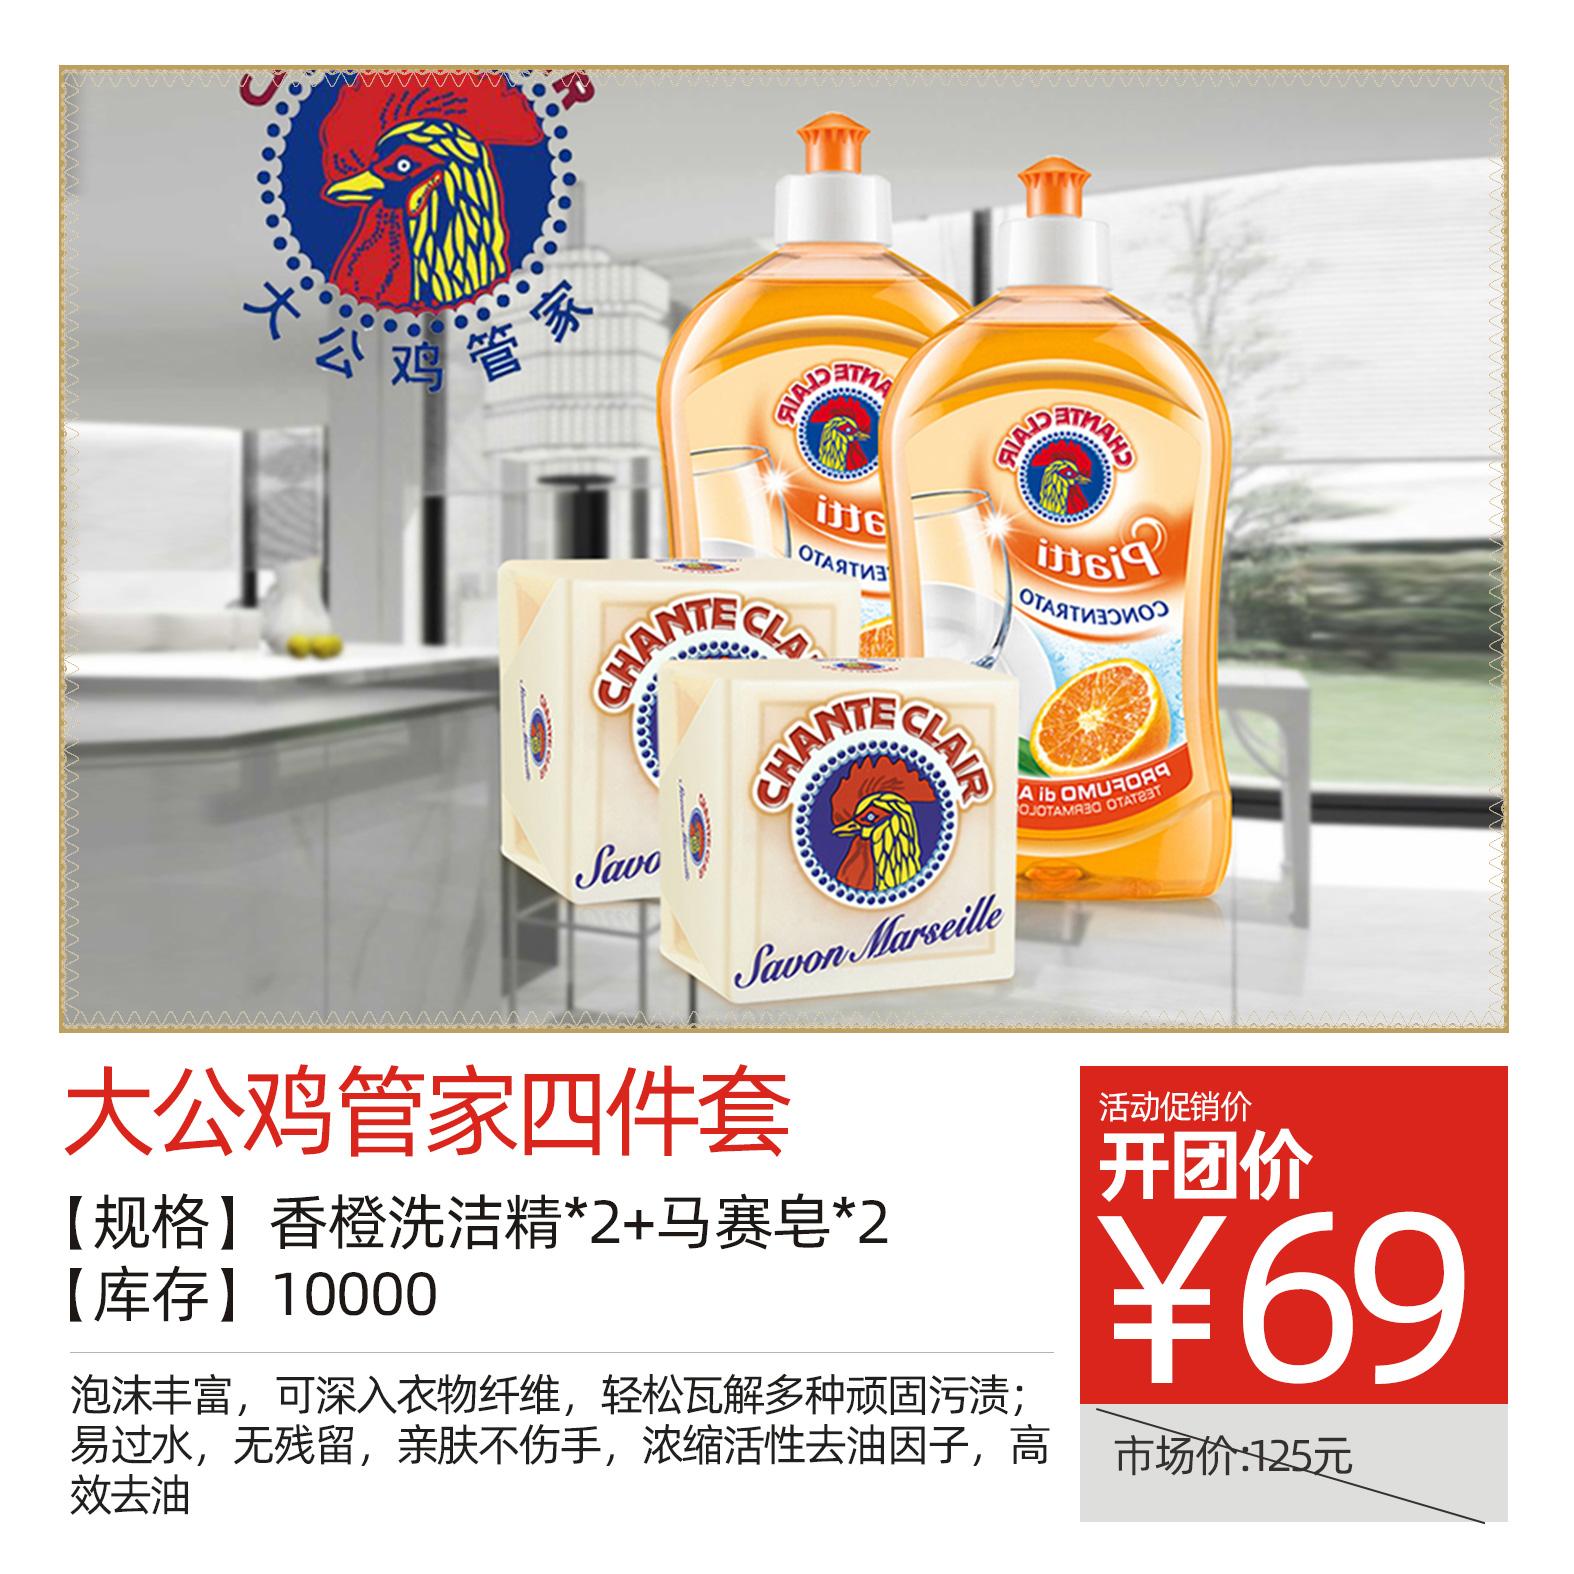 大公鸡管家四件套(香橙洗洁精*2+马赛皂*2)